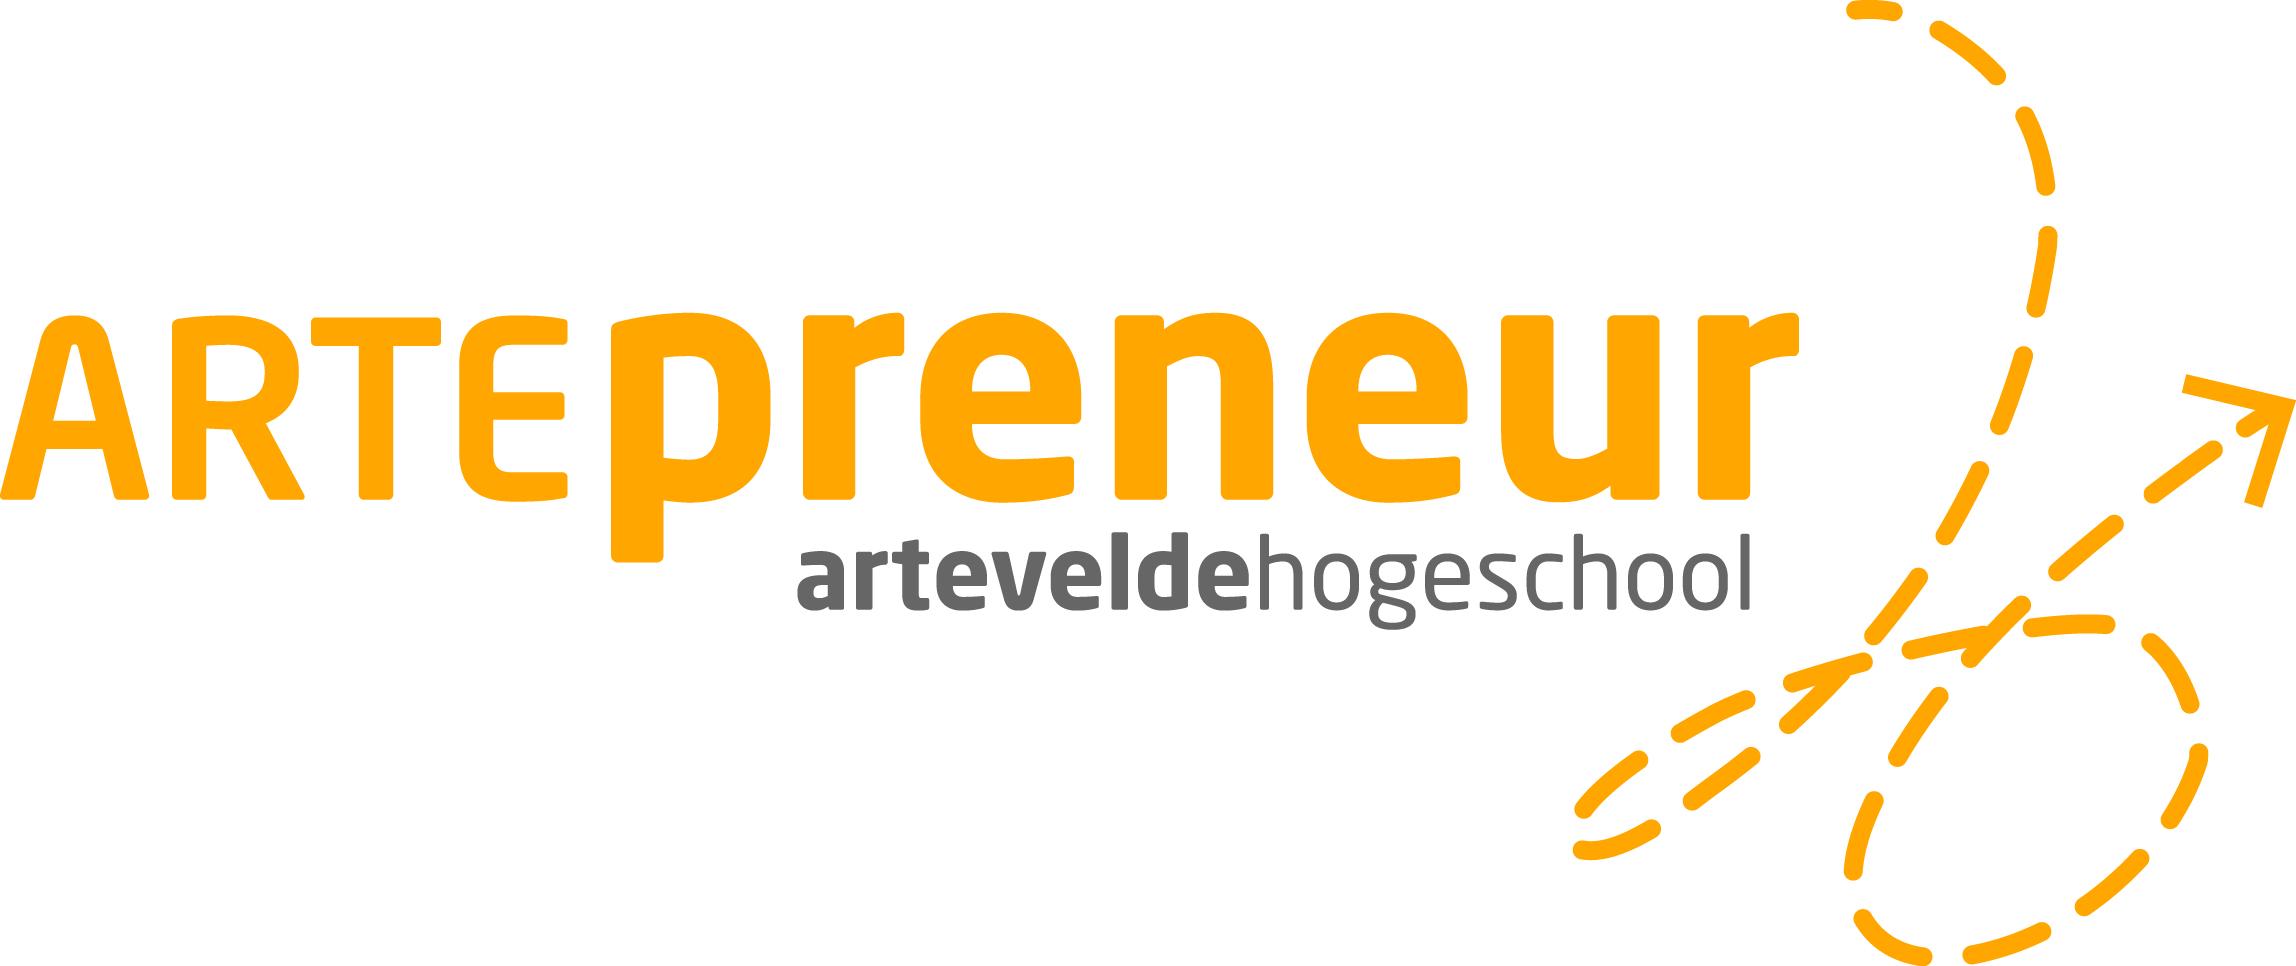 Artepreneur